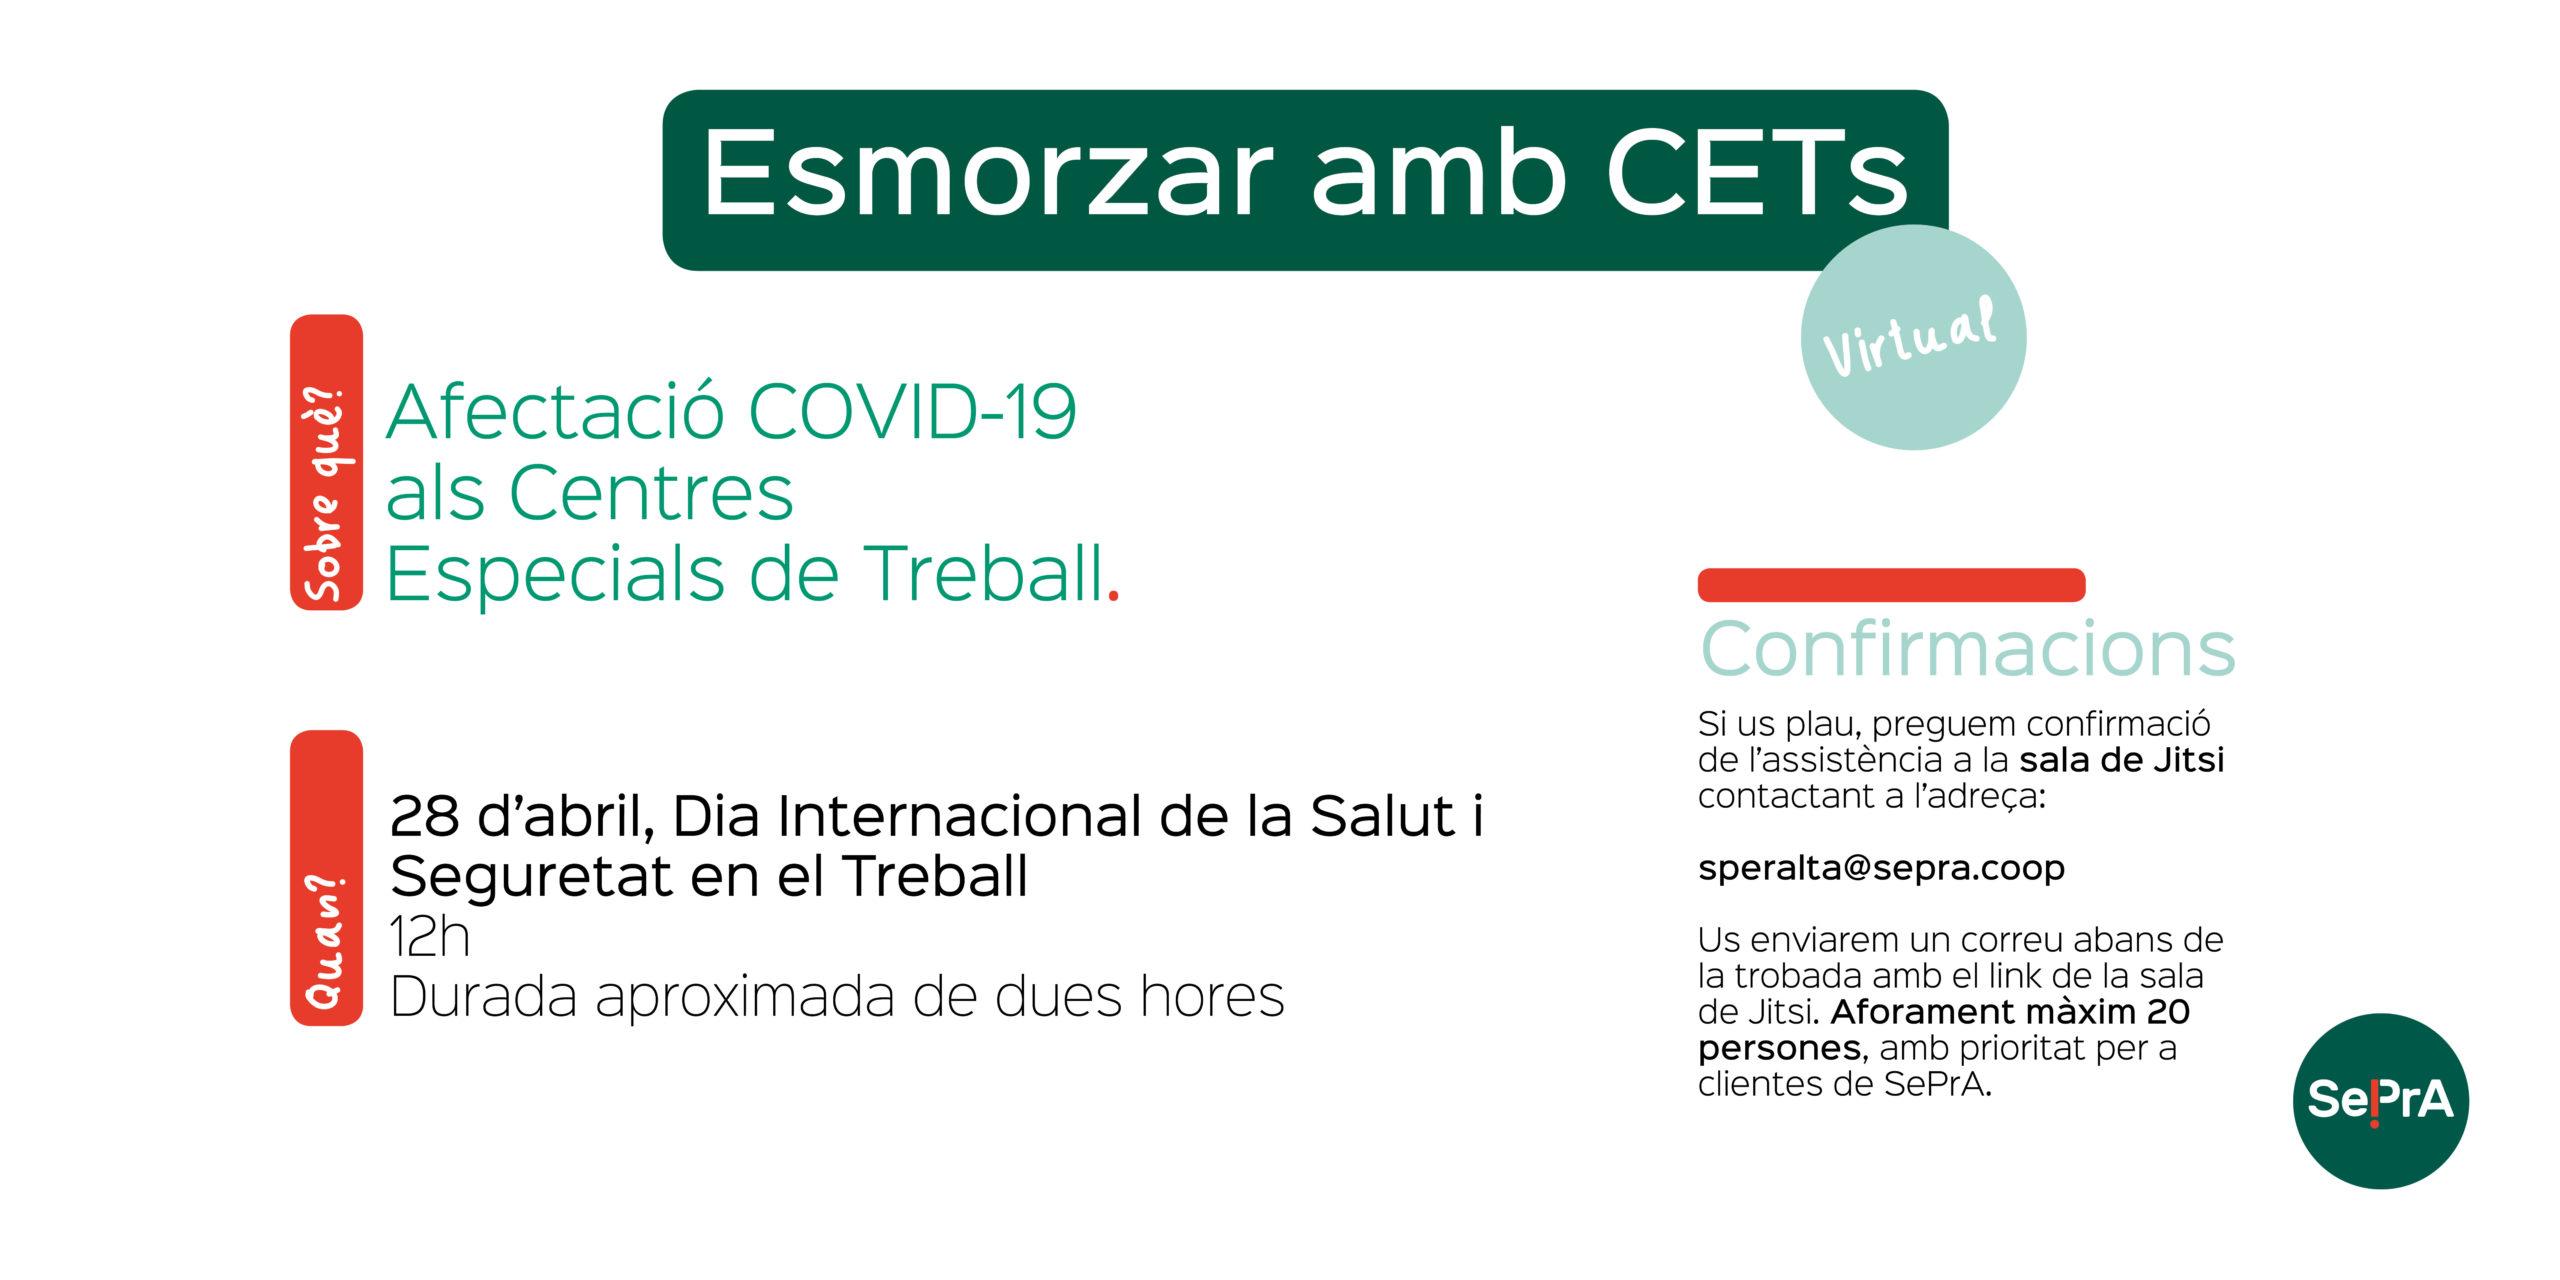 Esmorzar amb CETs sobre l'afectació del COVID-19 als Centres Especials de Treball